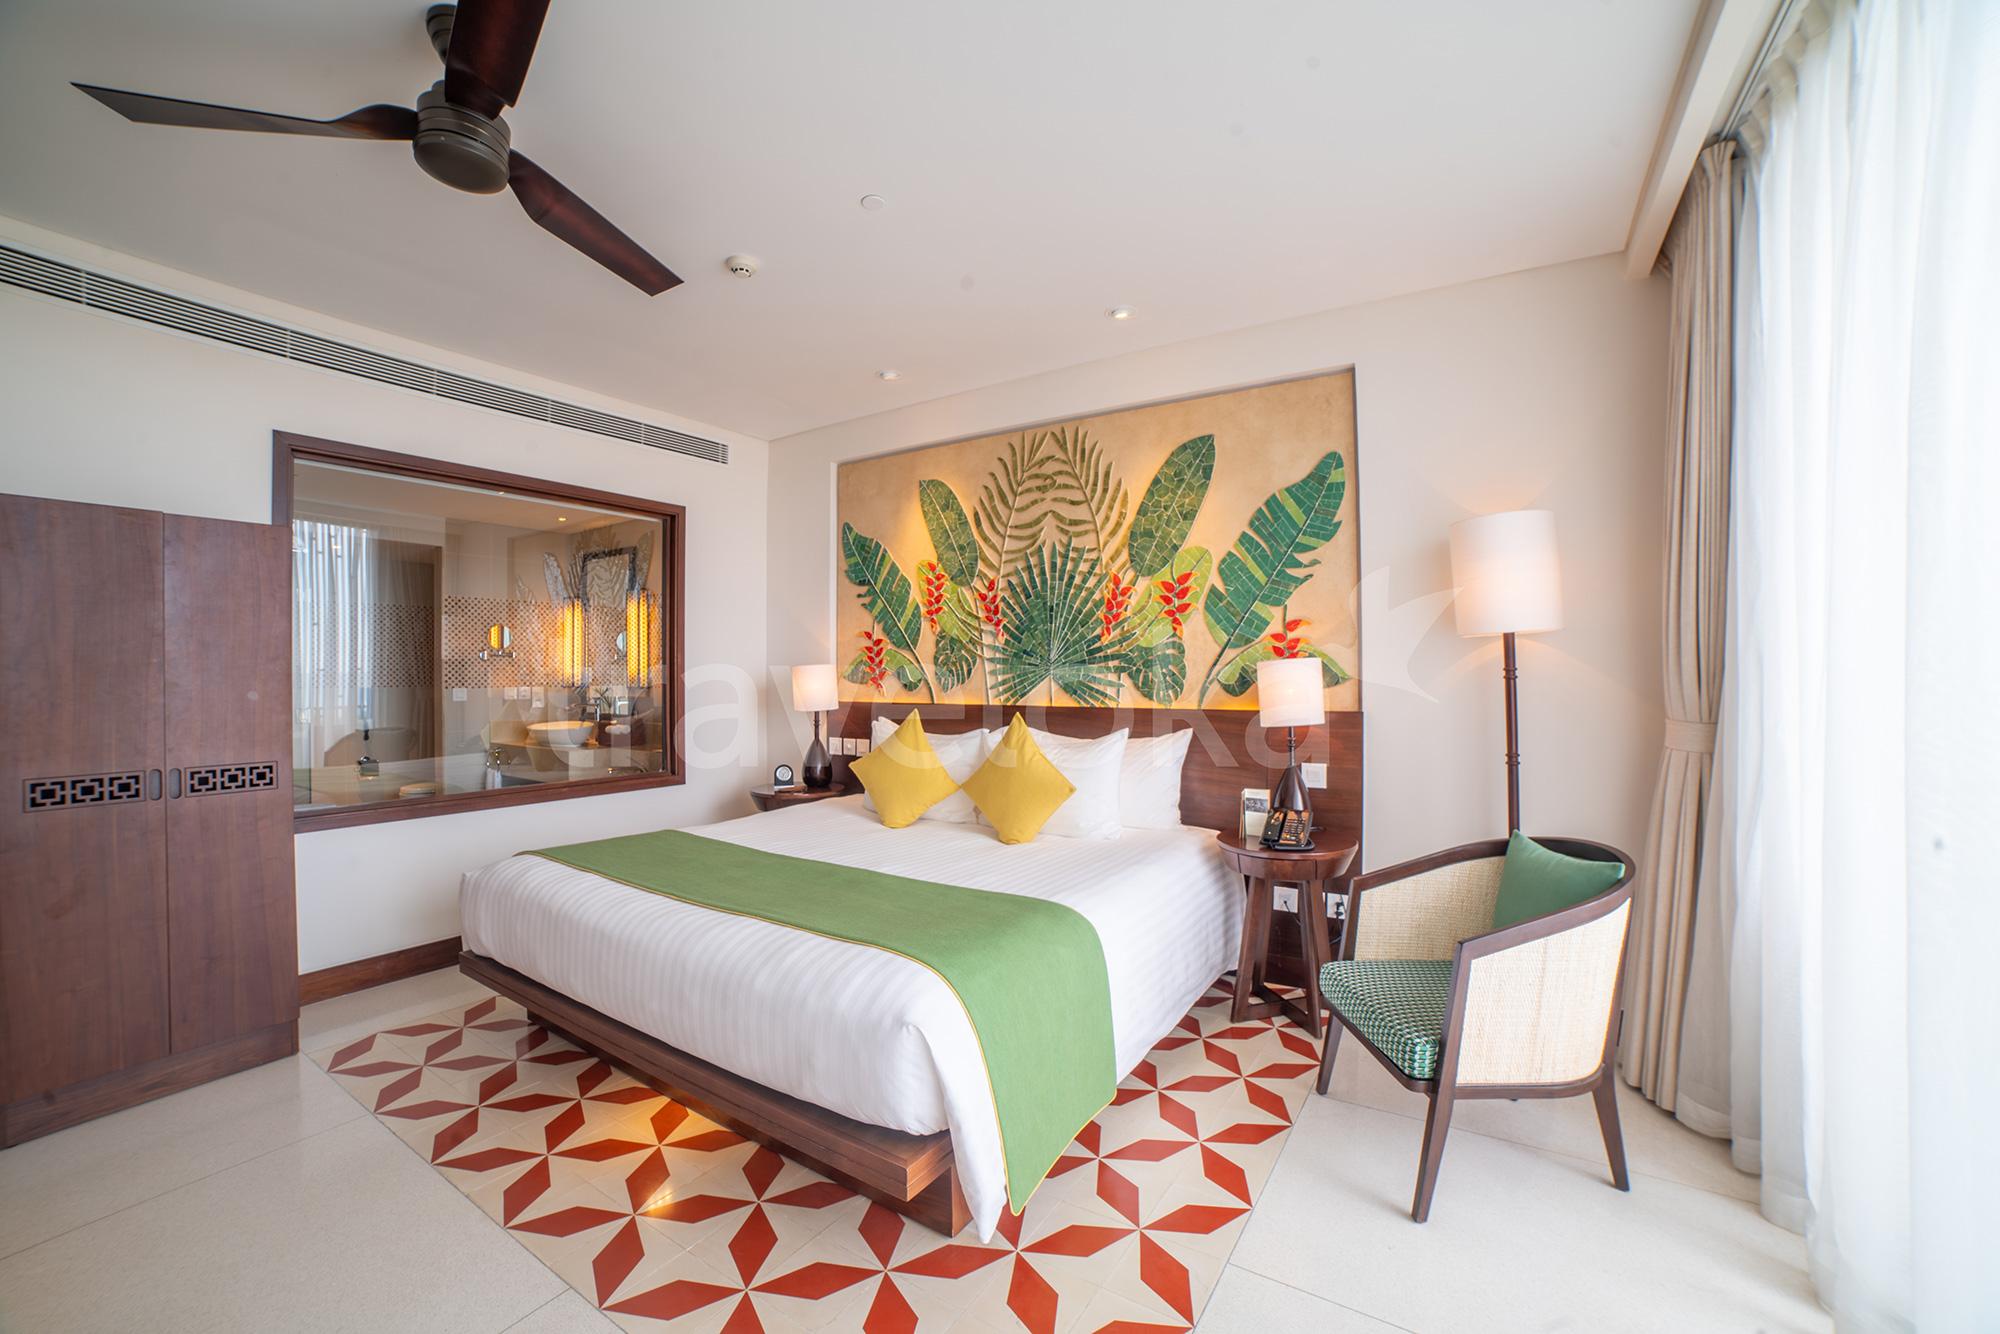 Cẩm nang du lịch Phú Quốc - Salinda Resort Phu Quoc Island